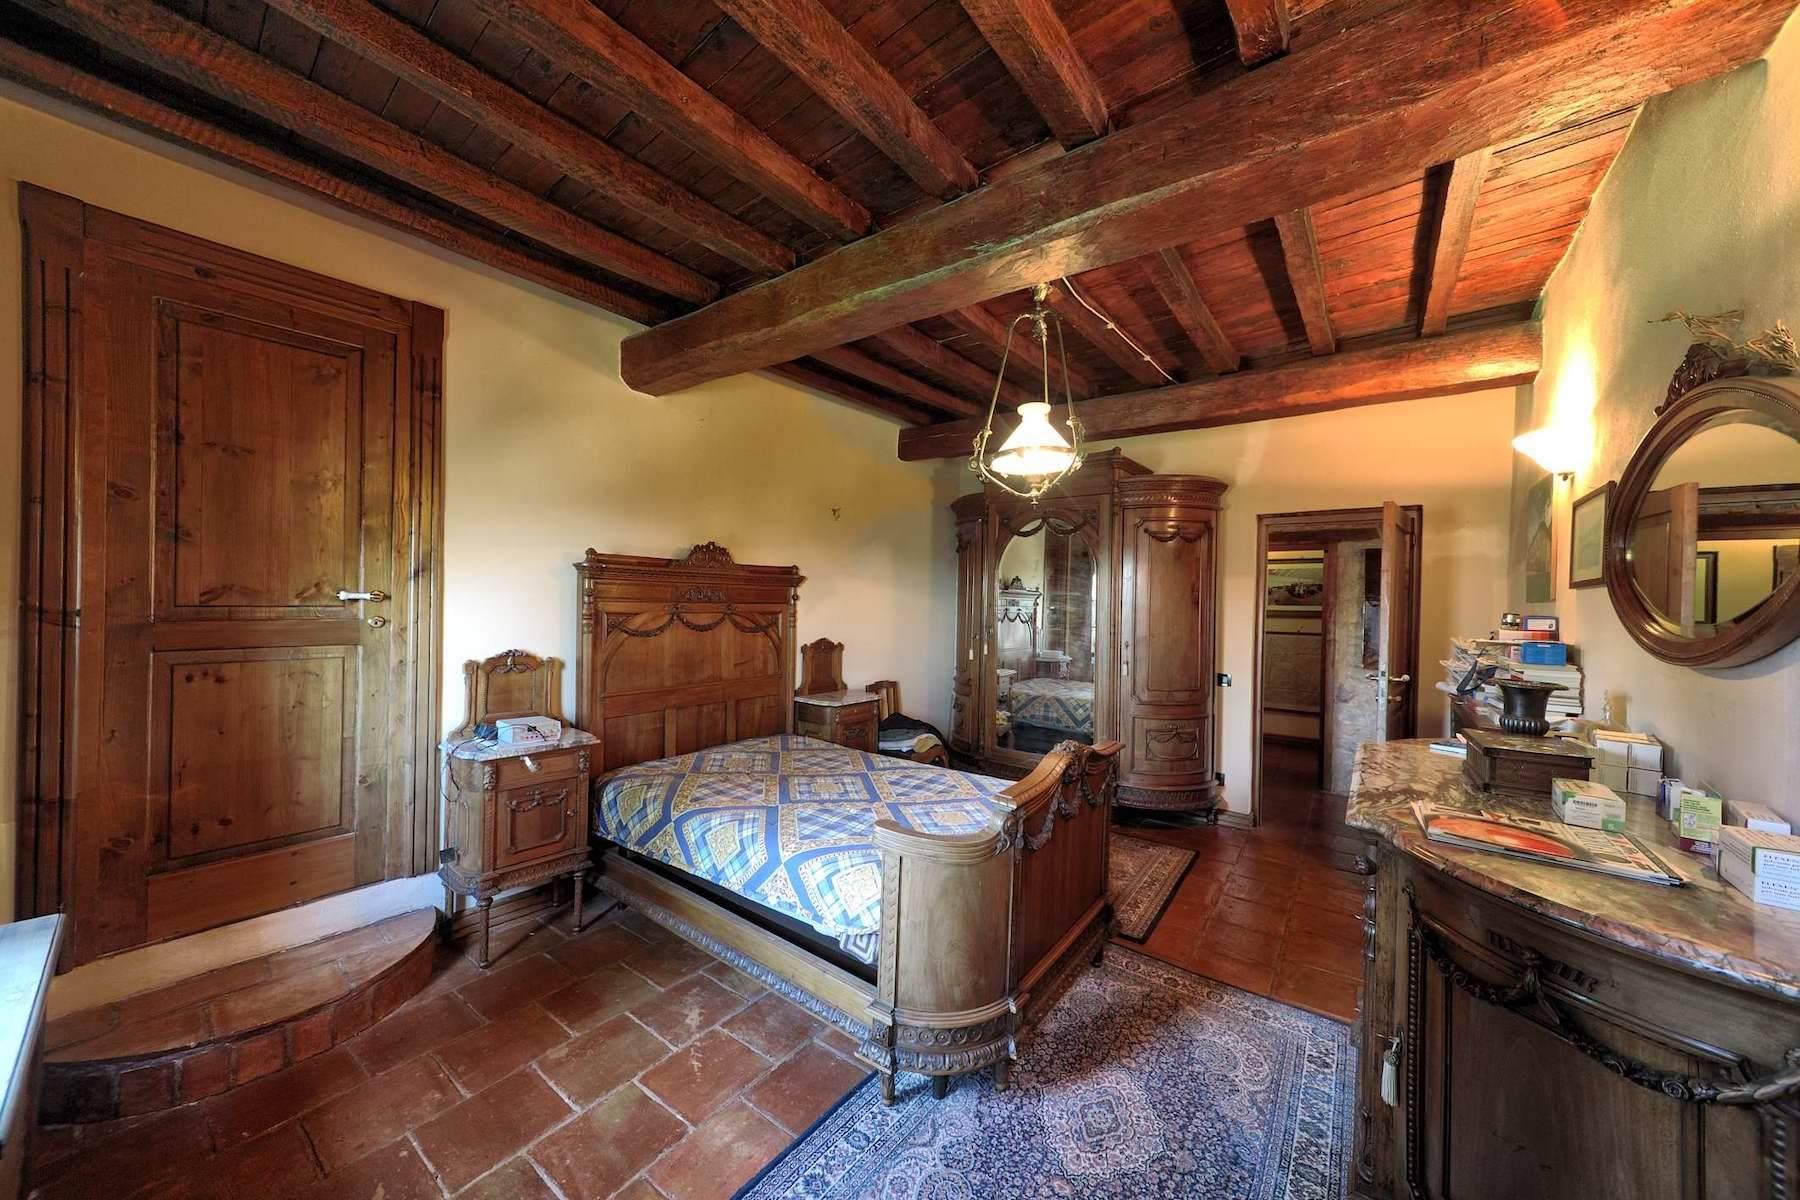 Villa in Vendita a Viano: 5 locali, 374 mq - Foto 13